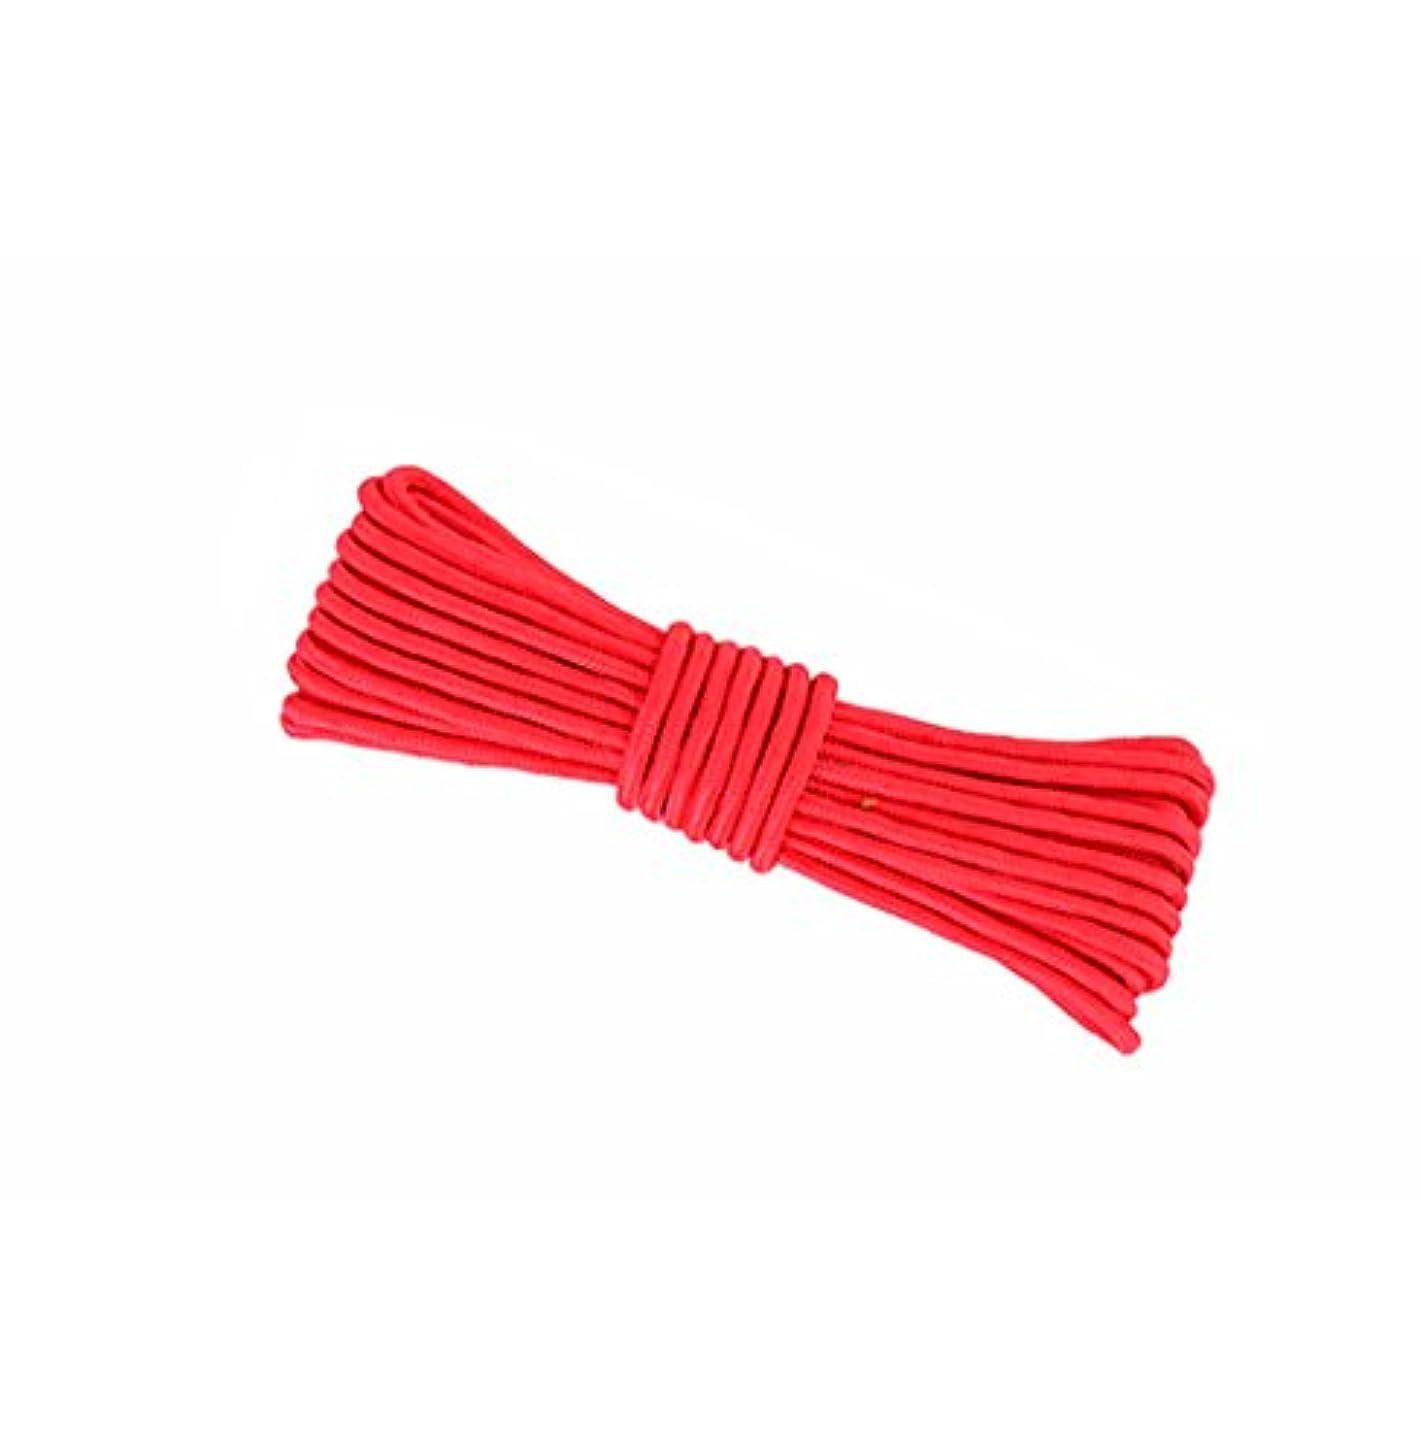 掃除抵当ダルセット登山用ロープ、赤10M、20M、50M、100M、ロッククライミングロープ、直径8mm / 10mmアウトドア探検エスケープレスキューロープ、高強度ナイロンロープ安全ロープ (色 : Diameter-10mm, サイズ さいず : 100M)